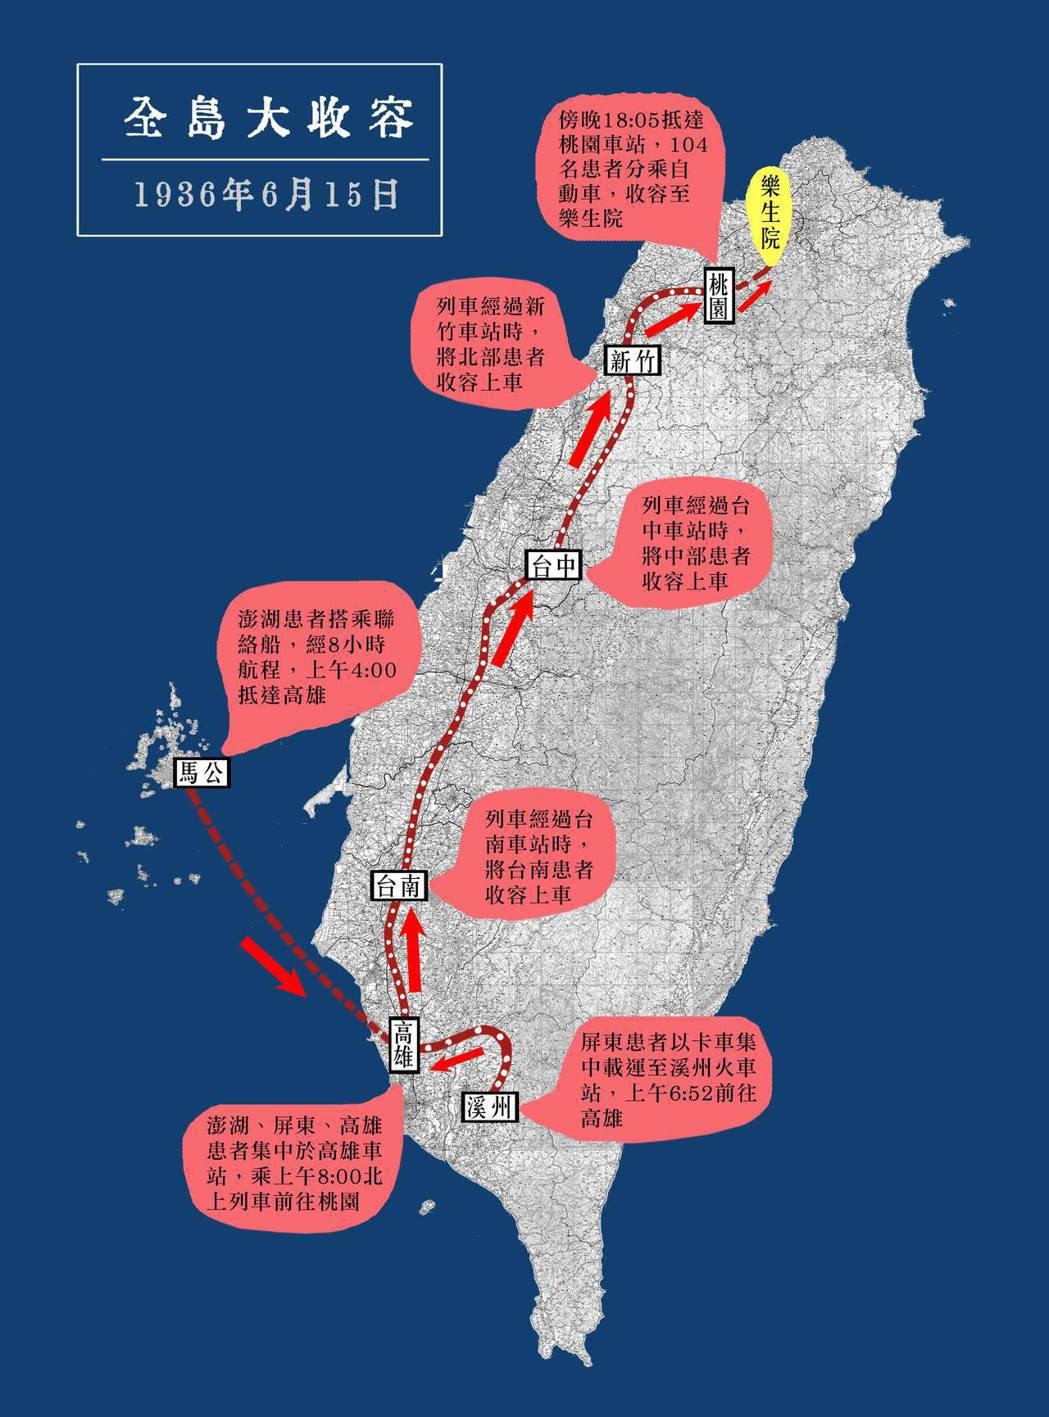 1936年6月的漢生病患大收容,從南端的屏東開始,沿著鐵路收容台灣西半部患者,共計104位患者被送入樂生院。 製圖/黃淥